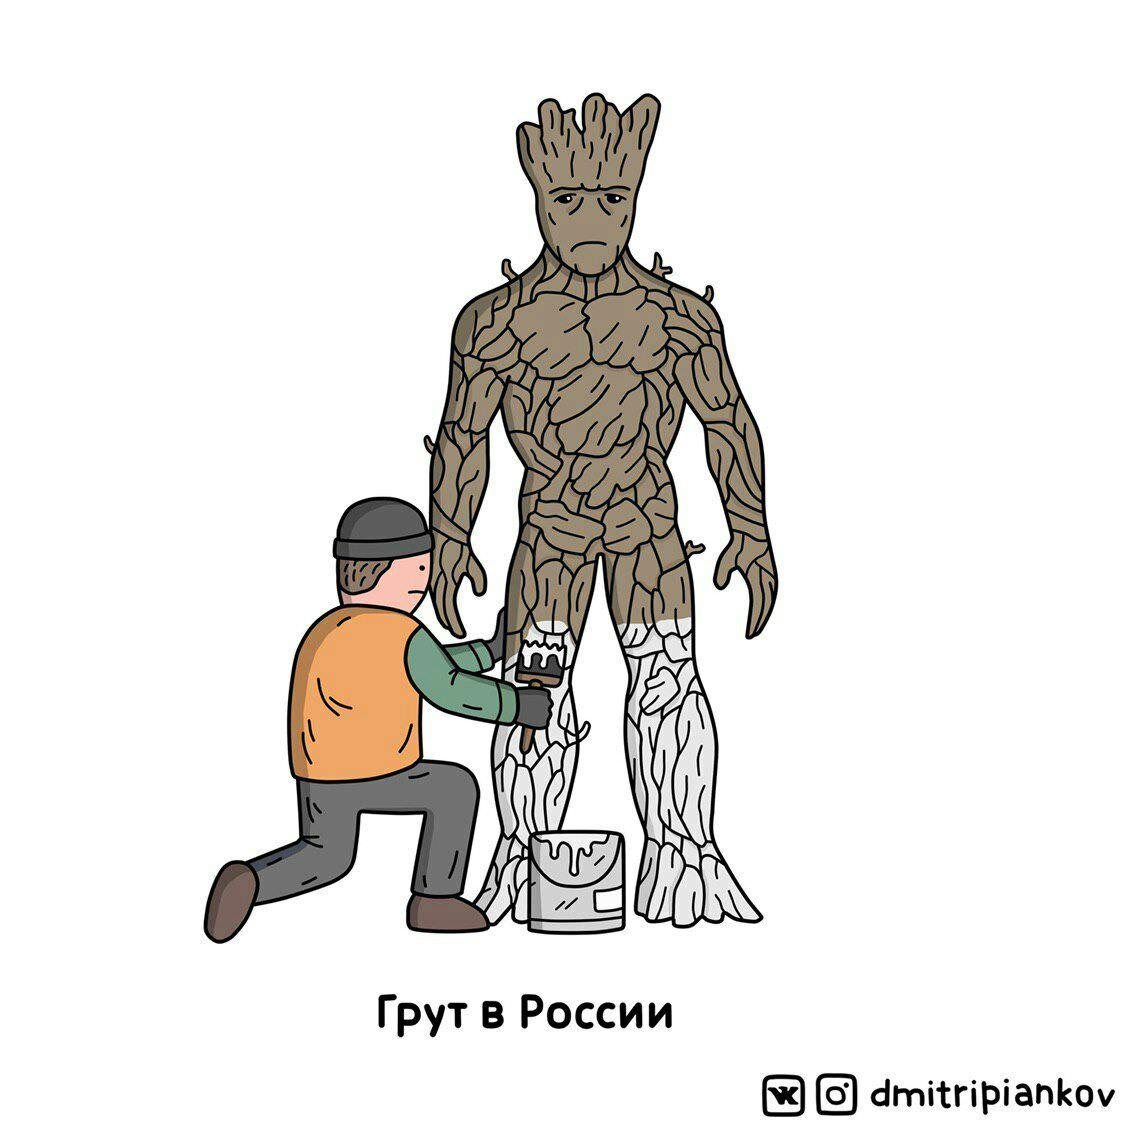 https://pressa.tv/uploads/posts/2019-04/1555957126_pressa_tv_groot-in-russia-02.jpg